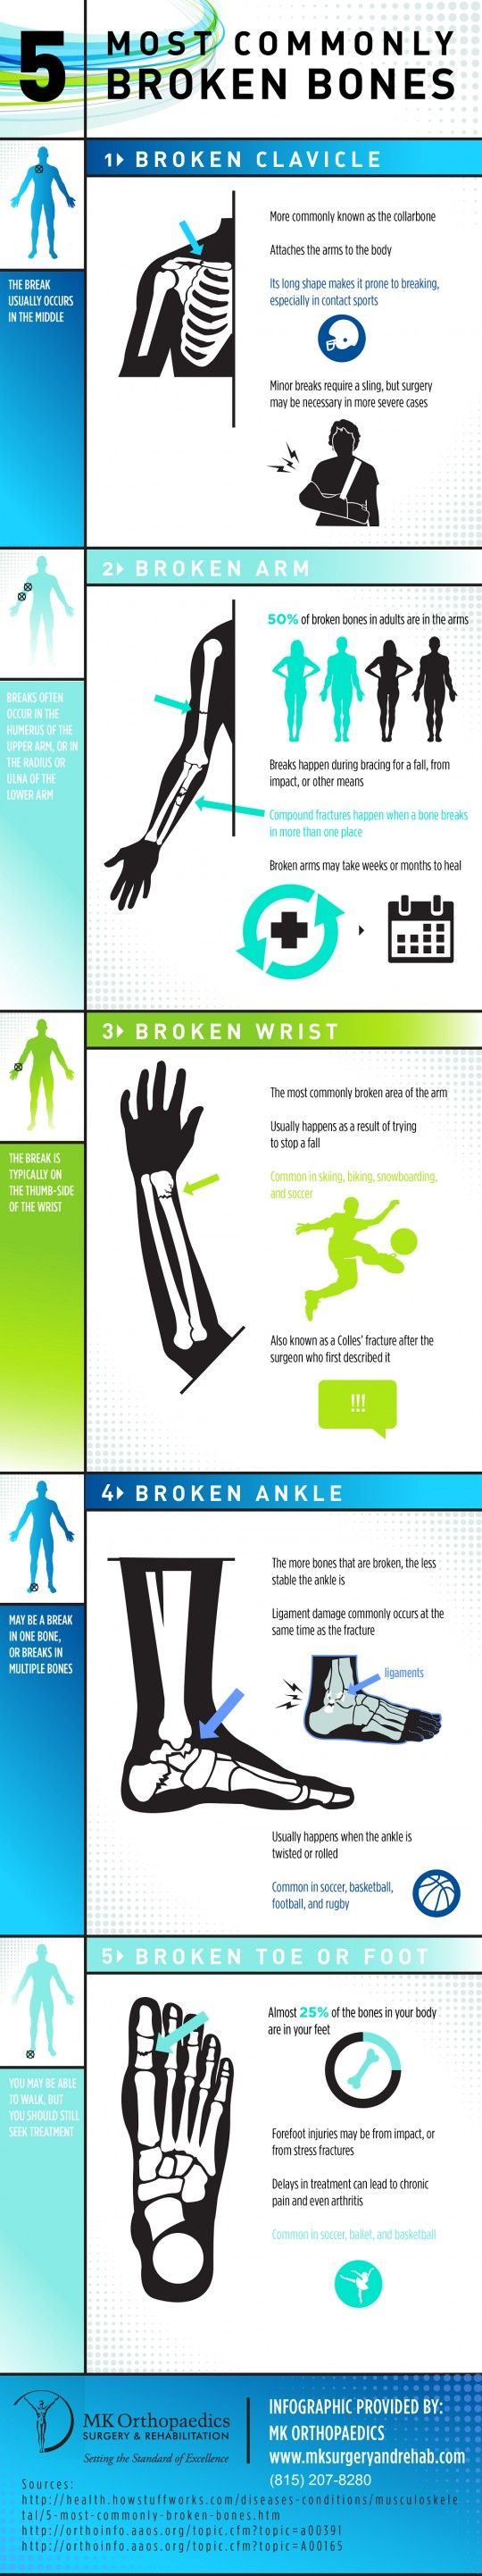 5 Most Commonly Broken Bones Broken bone, Medical